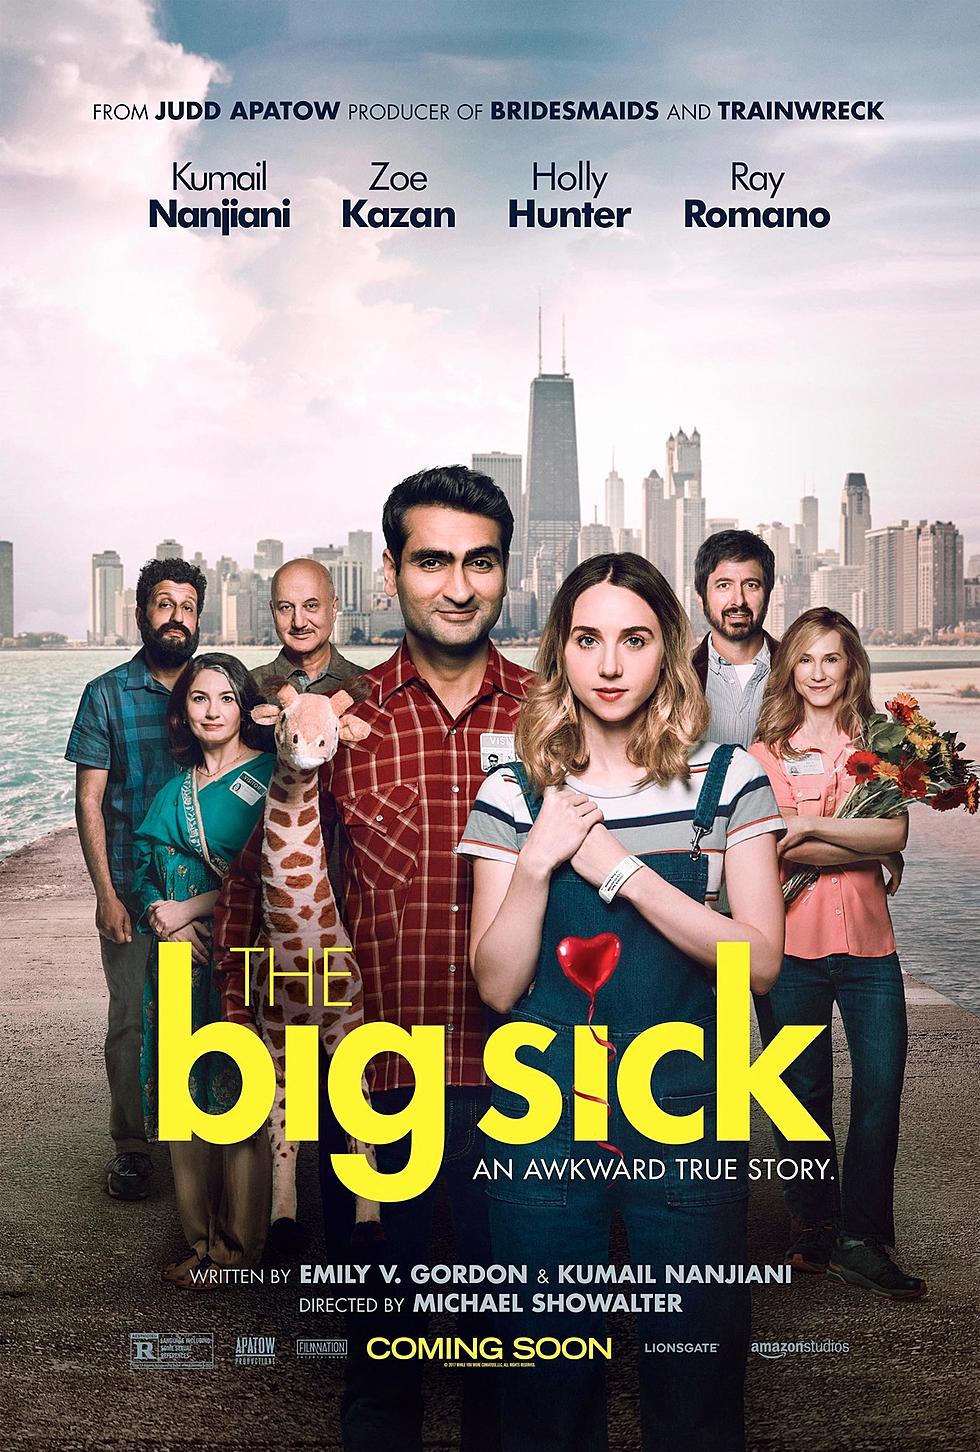 Kumail Nanjiani releasing new movie ...